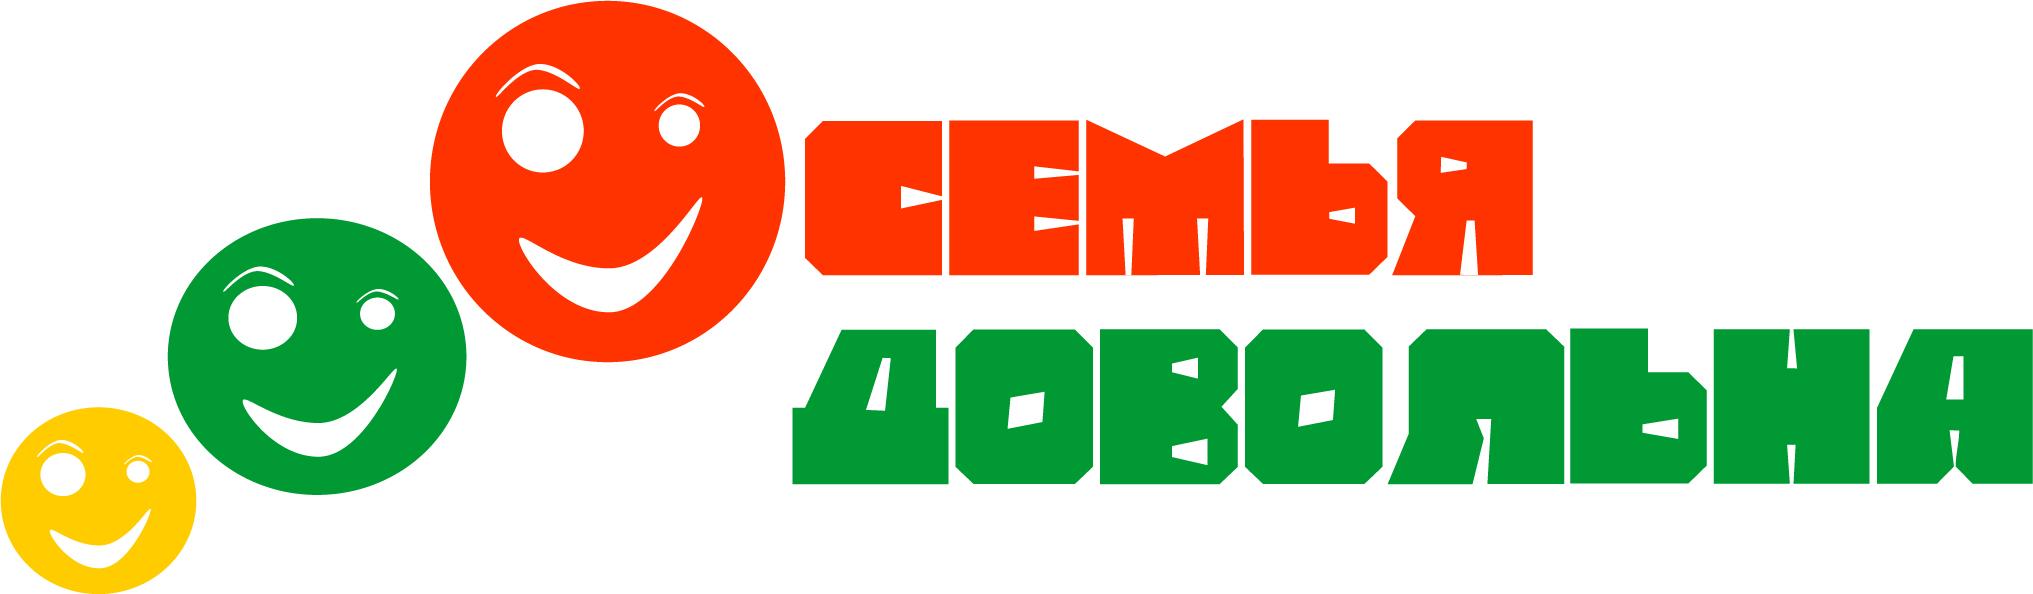 """Разработайте логотип для торговой марки """"Семья довольна"""" фото f_80459688665c3402.jpg"""